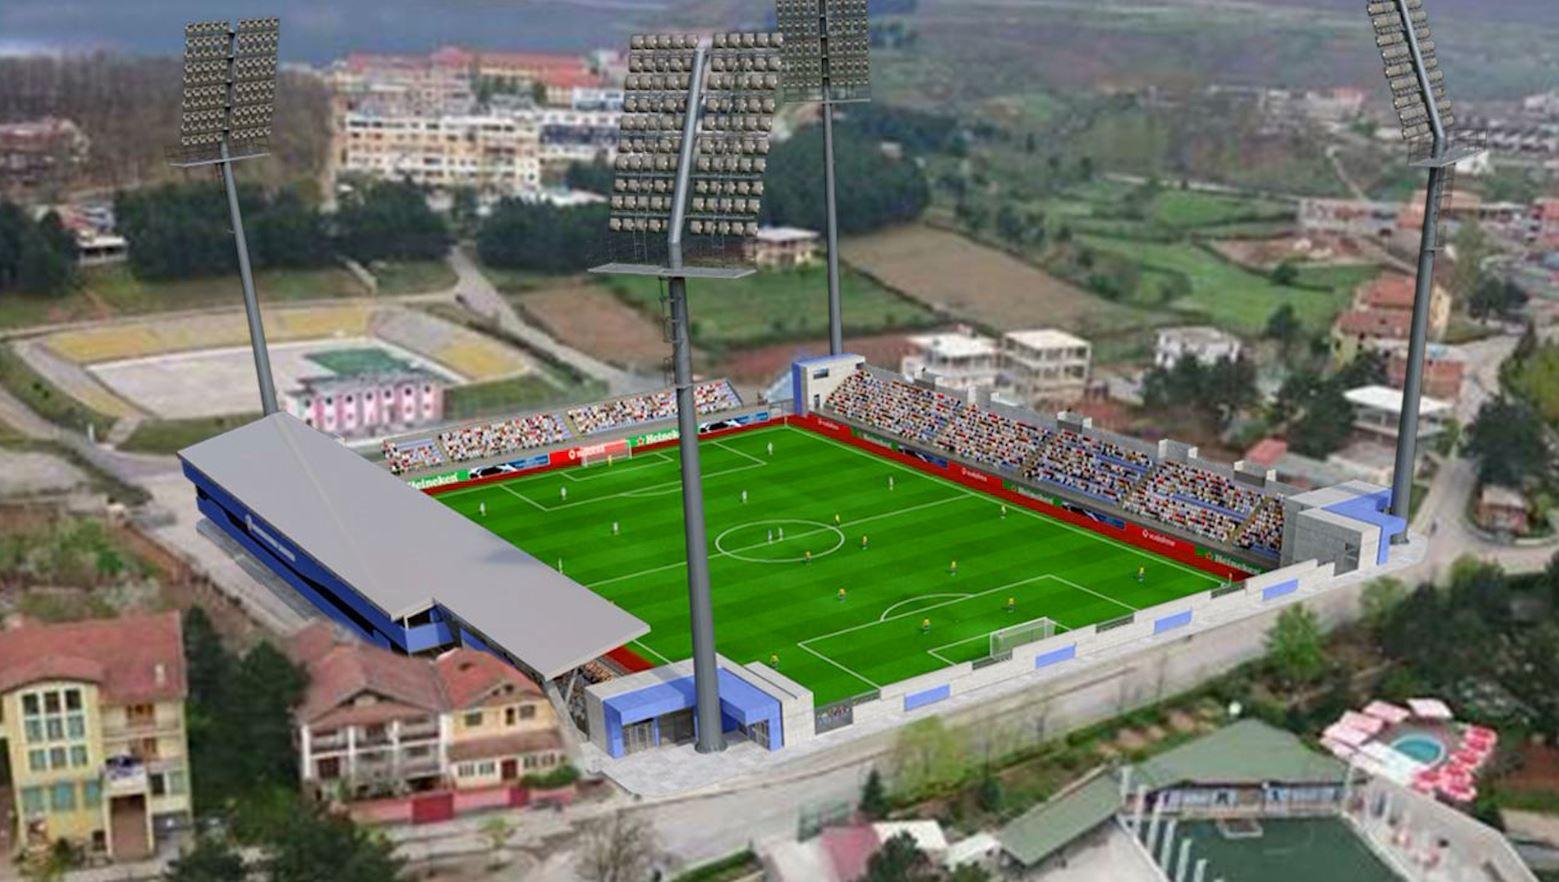 4 mln euro për rikonstruksionin e stadiumit të Kukësit, nisin punimet